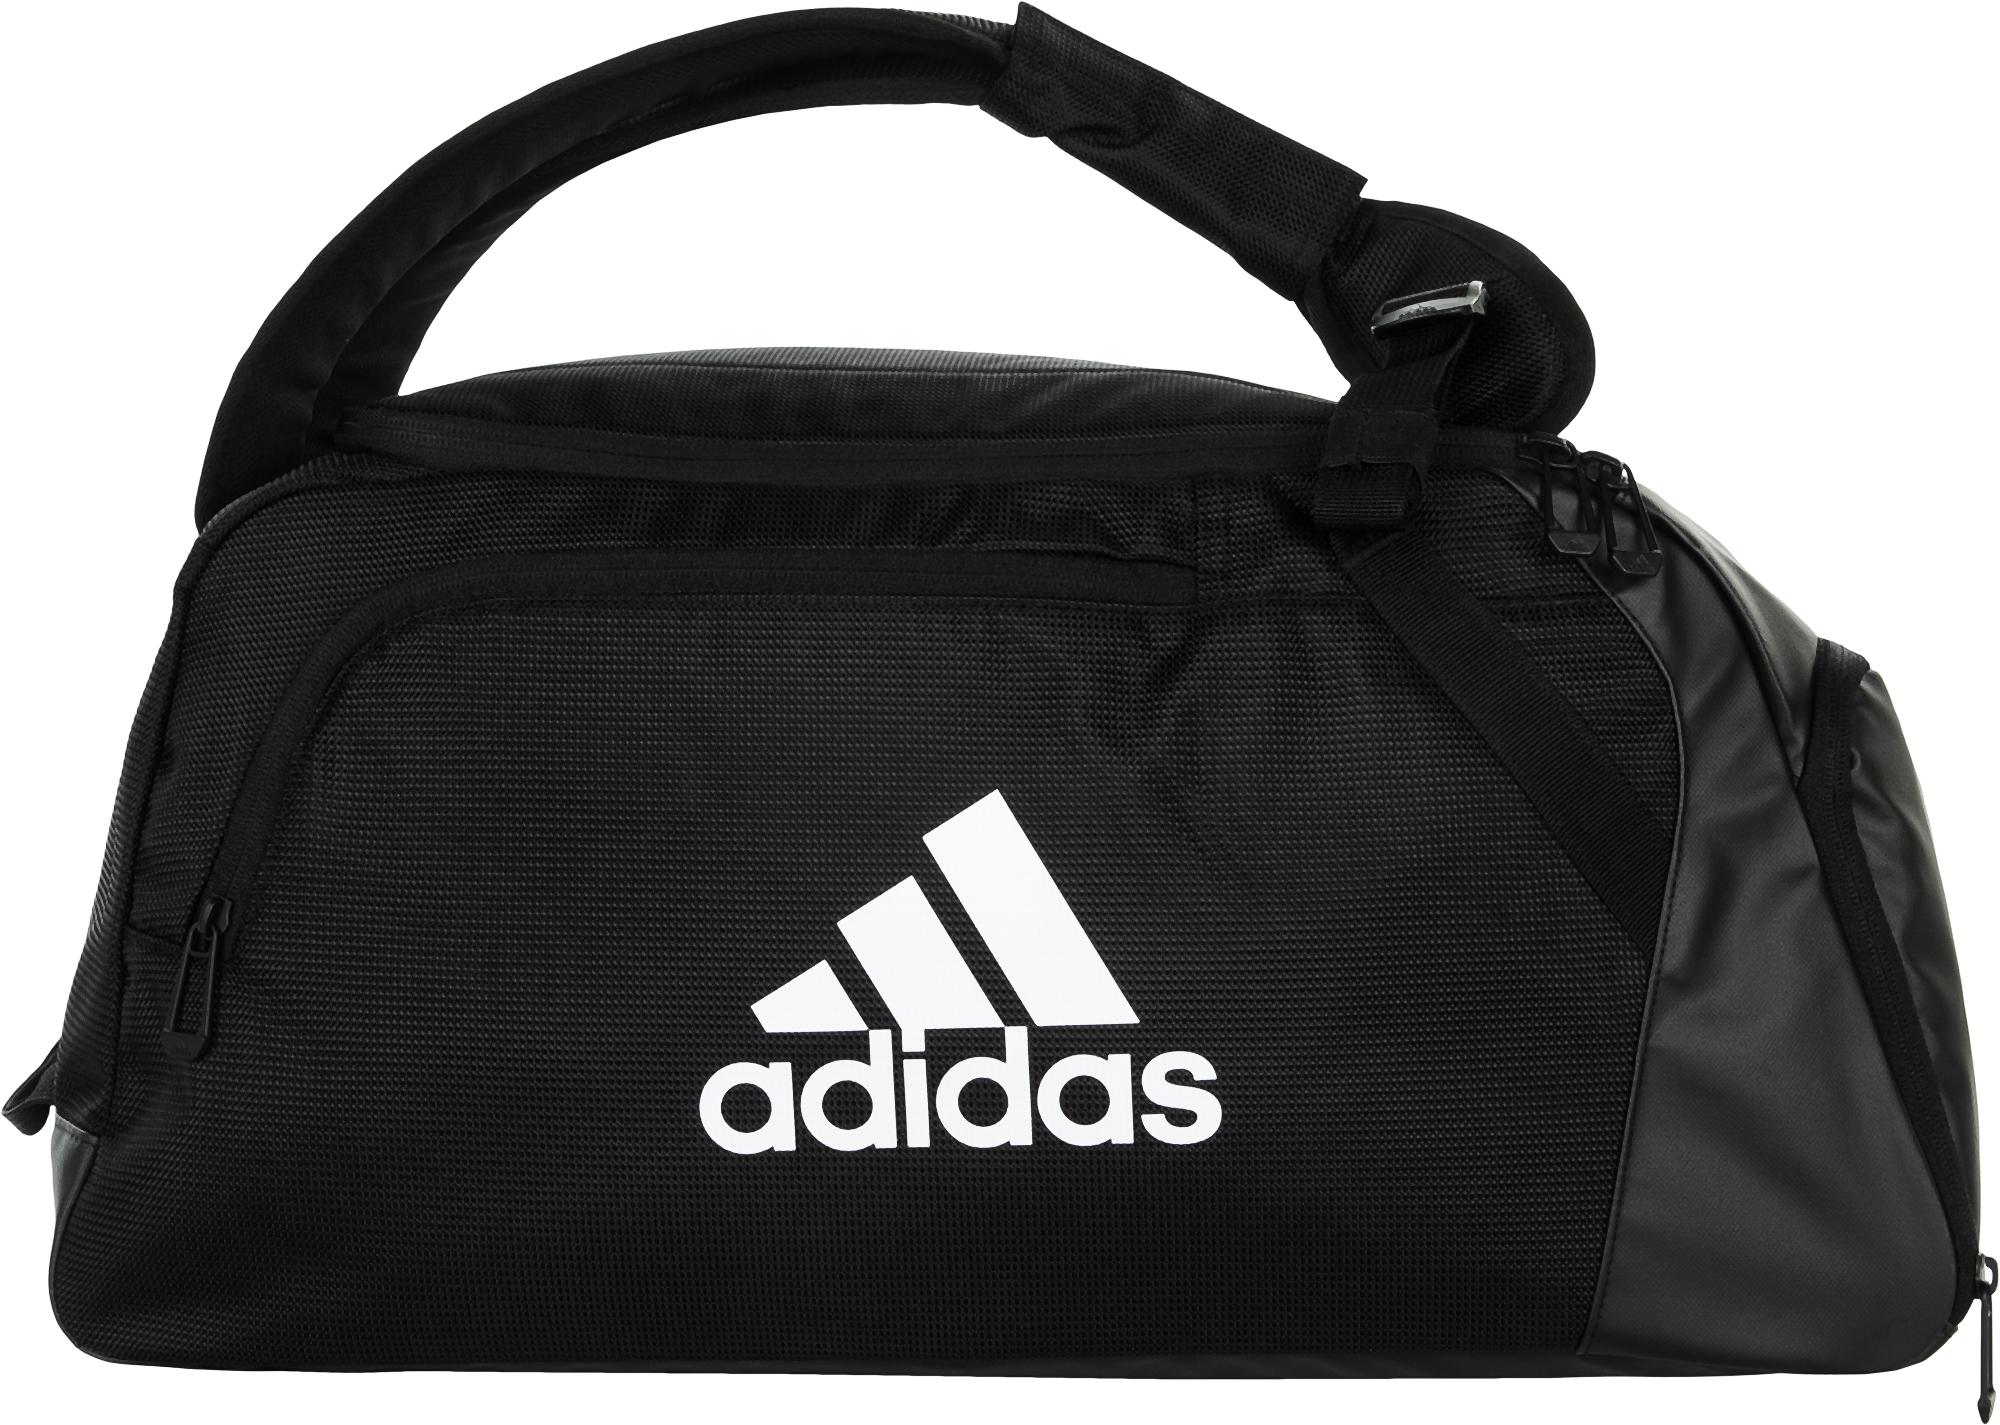 Adidas Сумка Endurance Packing System